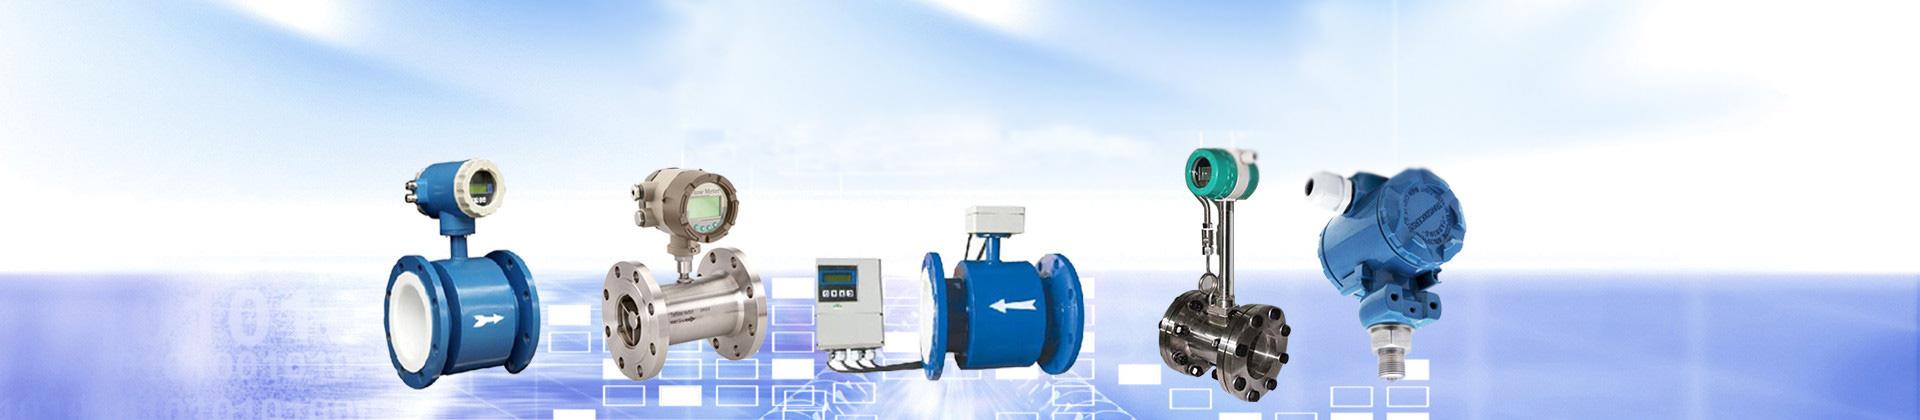 磁翻板液位计,雷达液位计,孔板流量计,蒸汽流量计,压力表,差压变送器,压力变送器